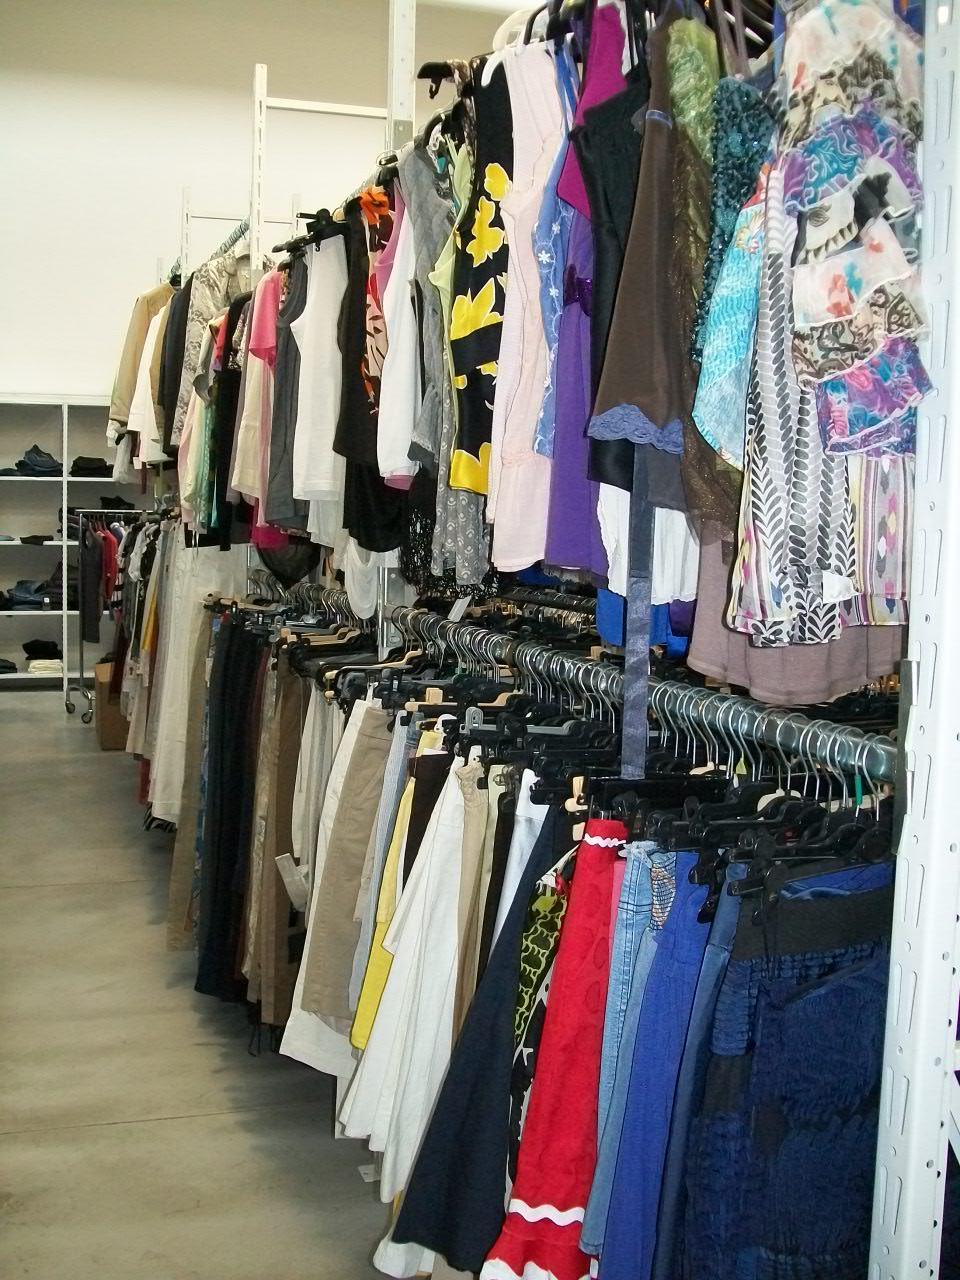 Стоковый интернет магазин женской одежды доставка